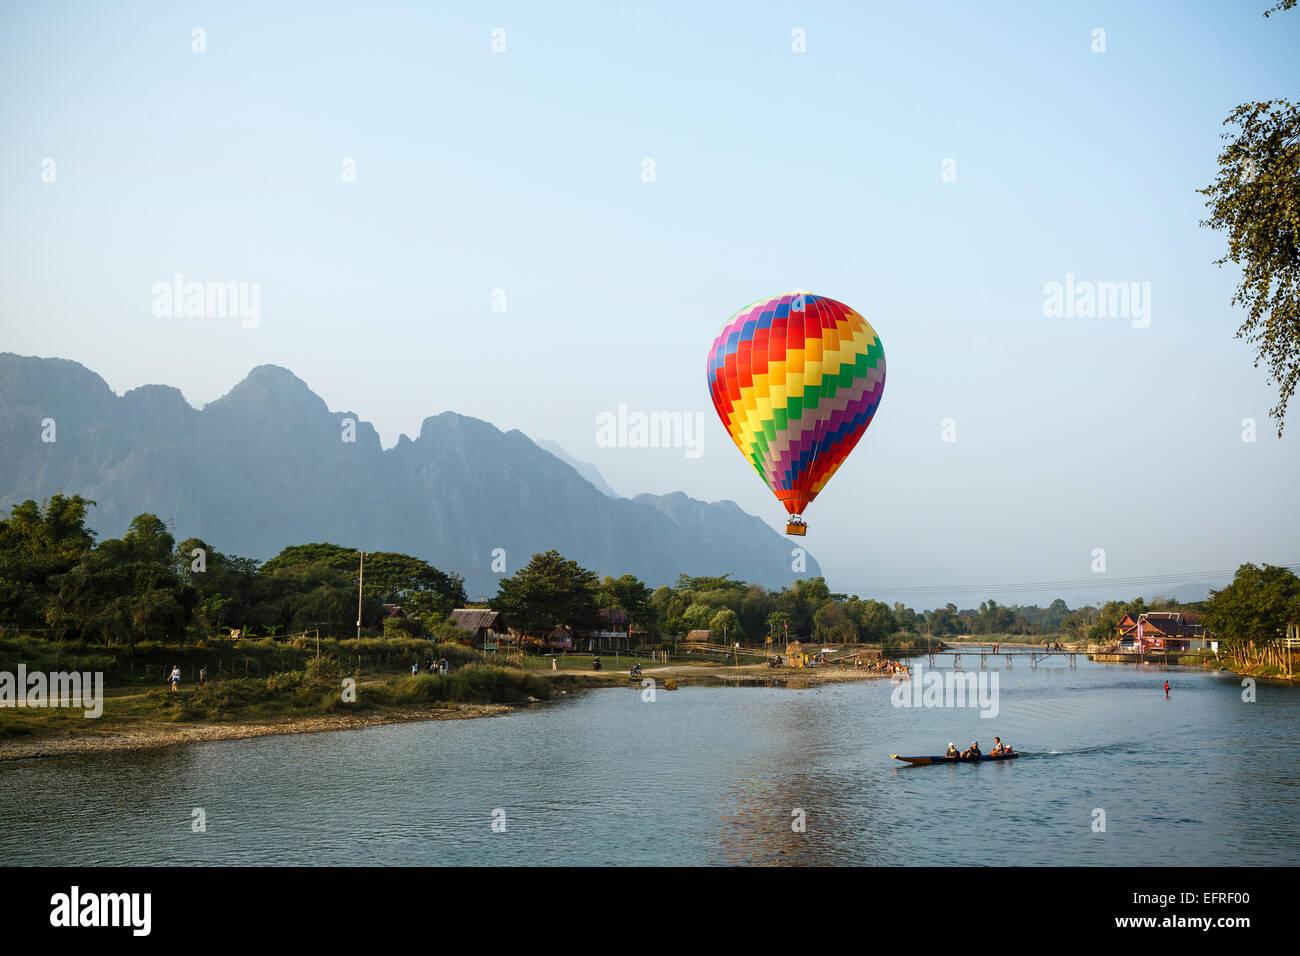 Hot air balloon over Nam Song river, Vang Vieng, Laos. - Stock Image